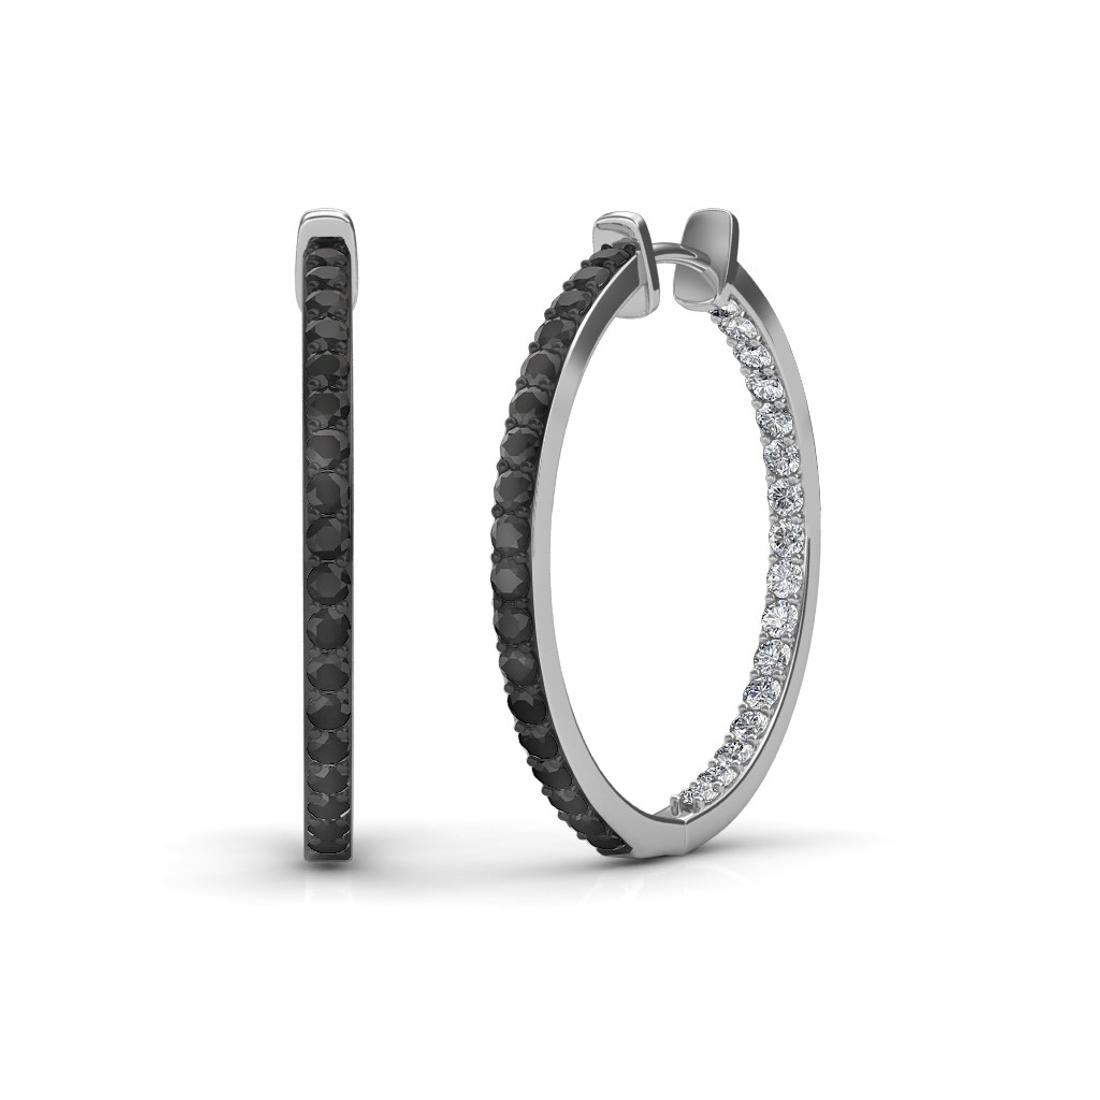 Sarvada Jewels' The Keya Black Diamond Hoop Earrings